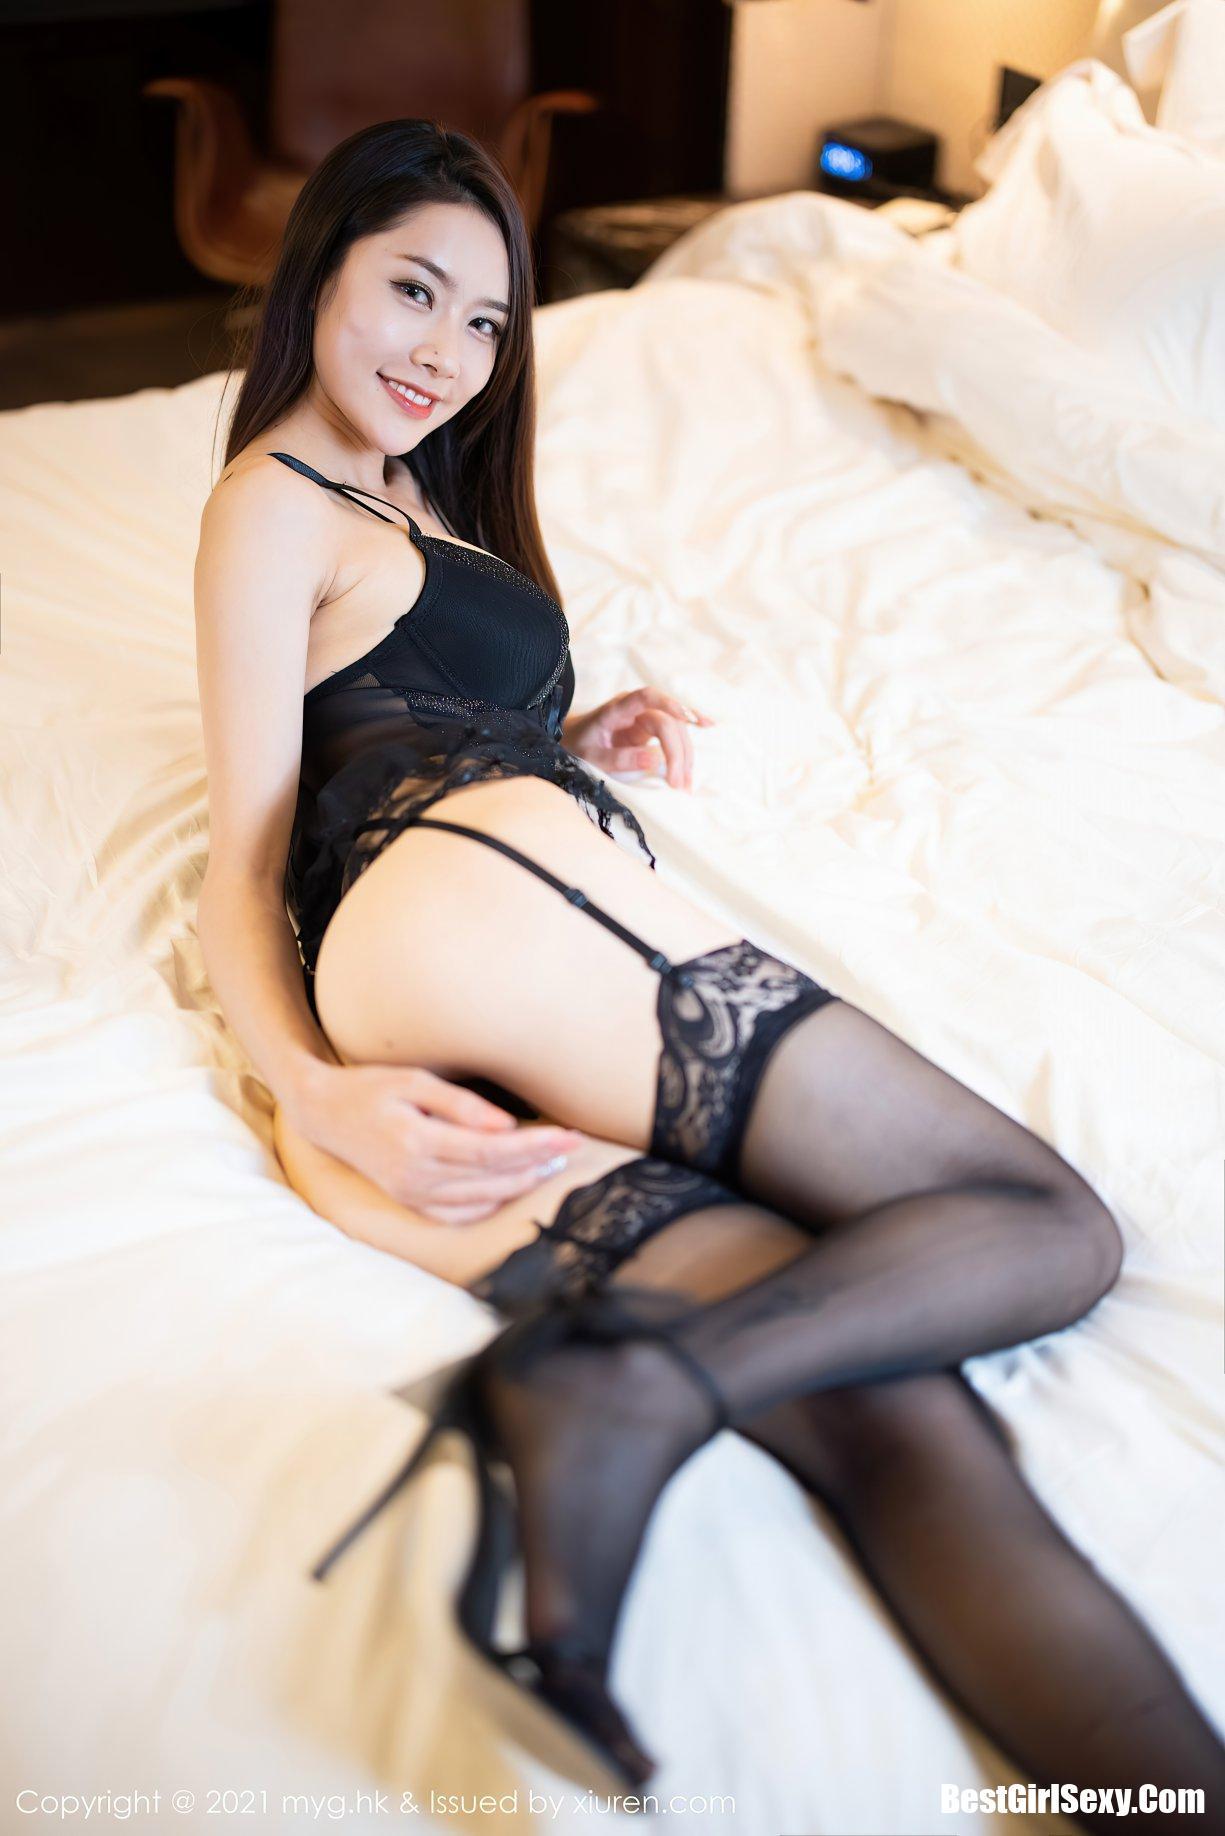 方子萱, MyGirl美媛馆 Vol.581 Mu Qing, MyGirl美媛馆 Vol.581, Mu Qing